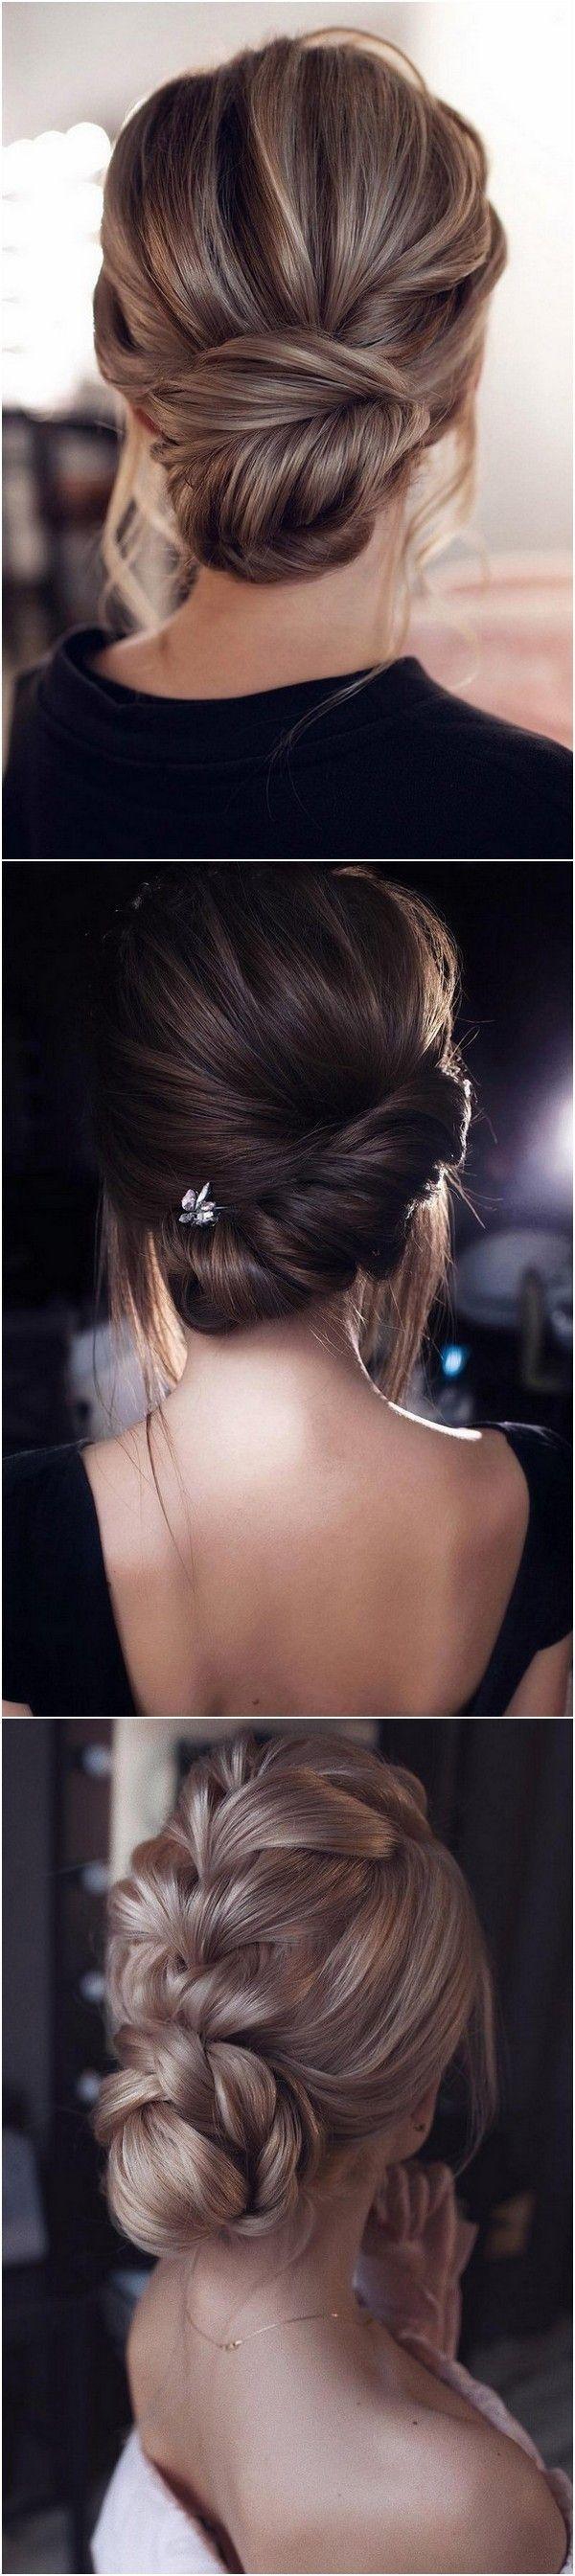 elegant low bun updo wedding hairstyles 1 by meghan ...